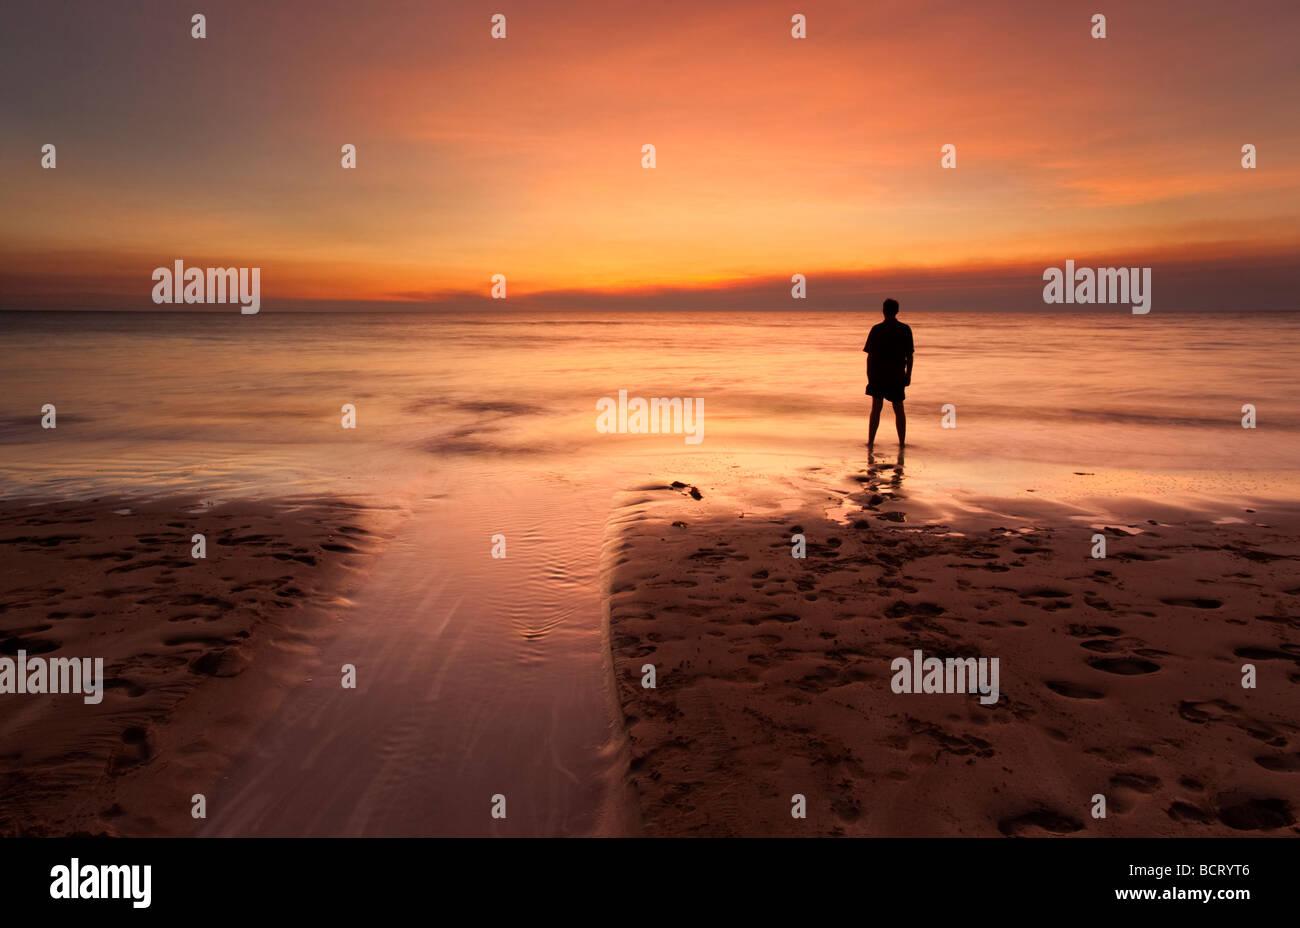 Silueta de un hombre de pie a la orilla del mar viendo la puesta de sol. Playa de estalactitas, Darwin, Territorio Imagen De Stock